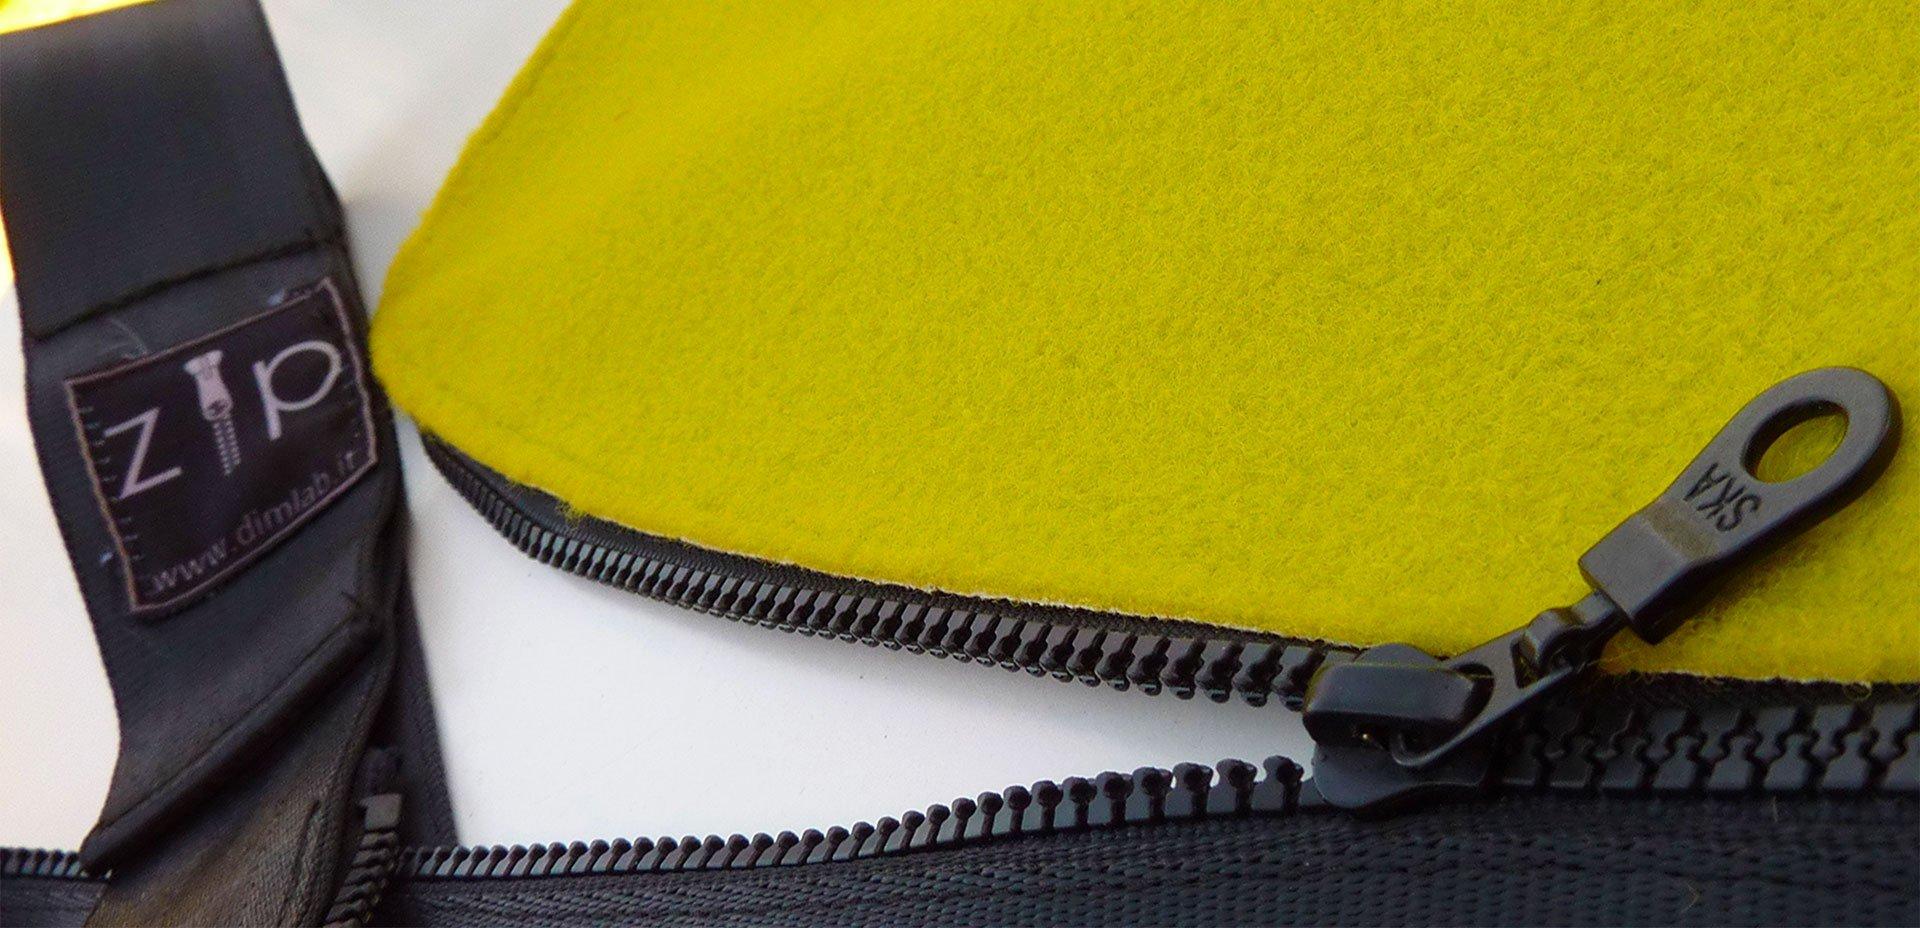 borsa creata con il recupero della moquette